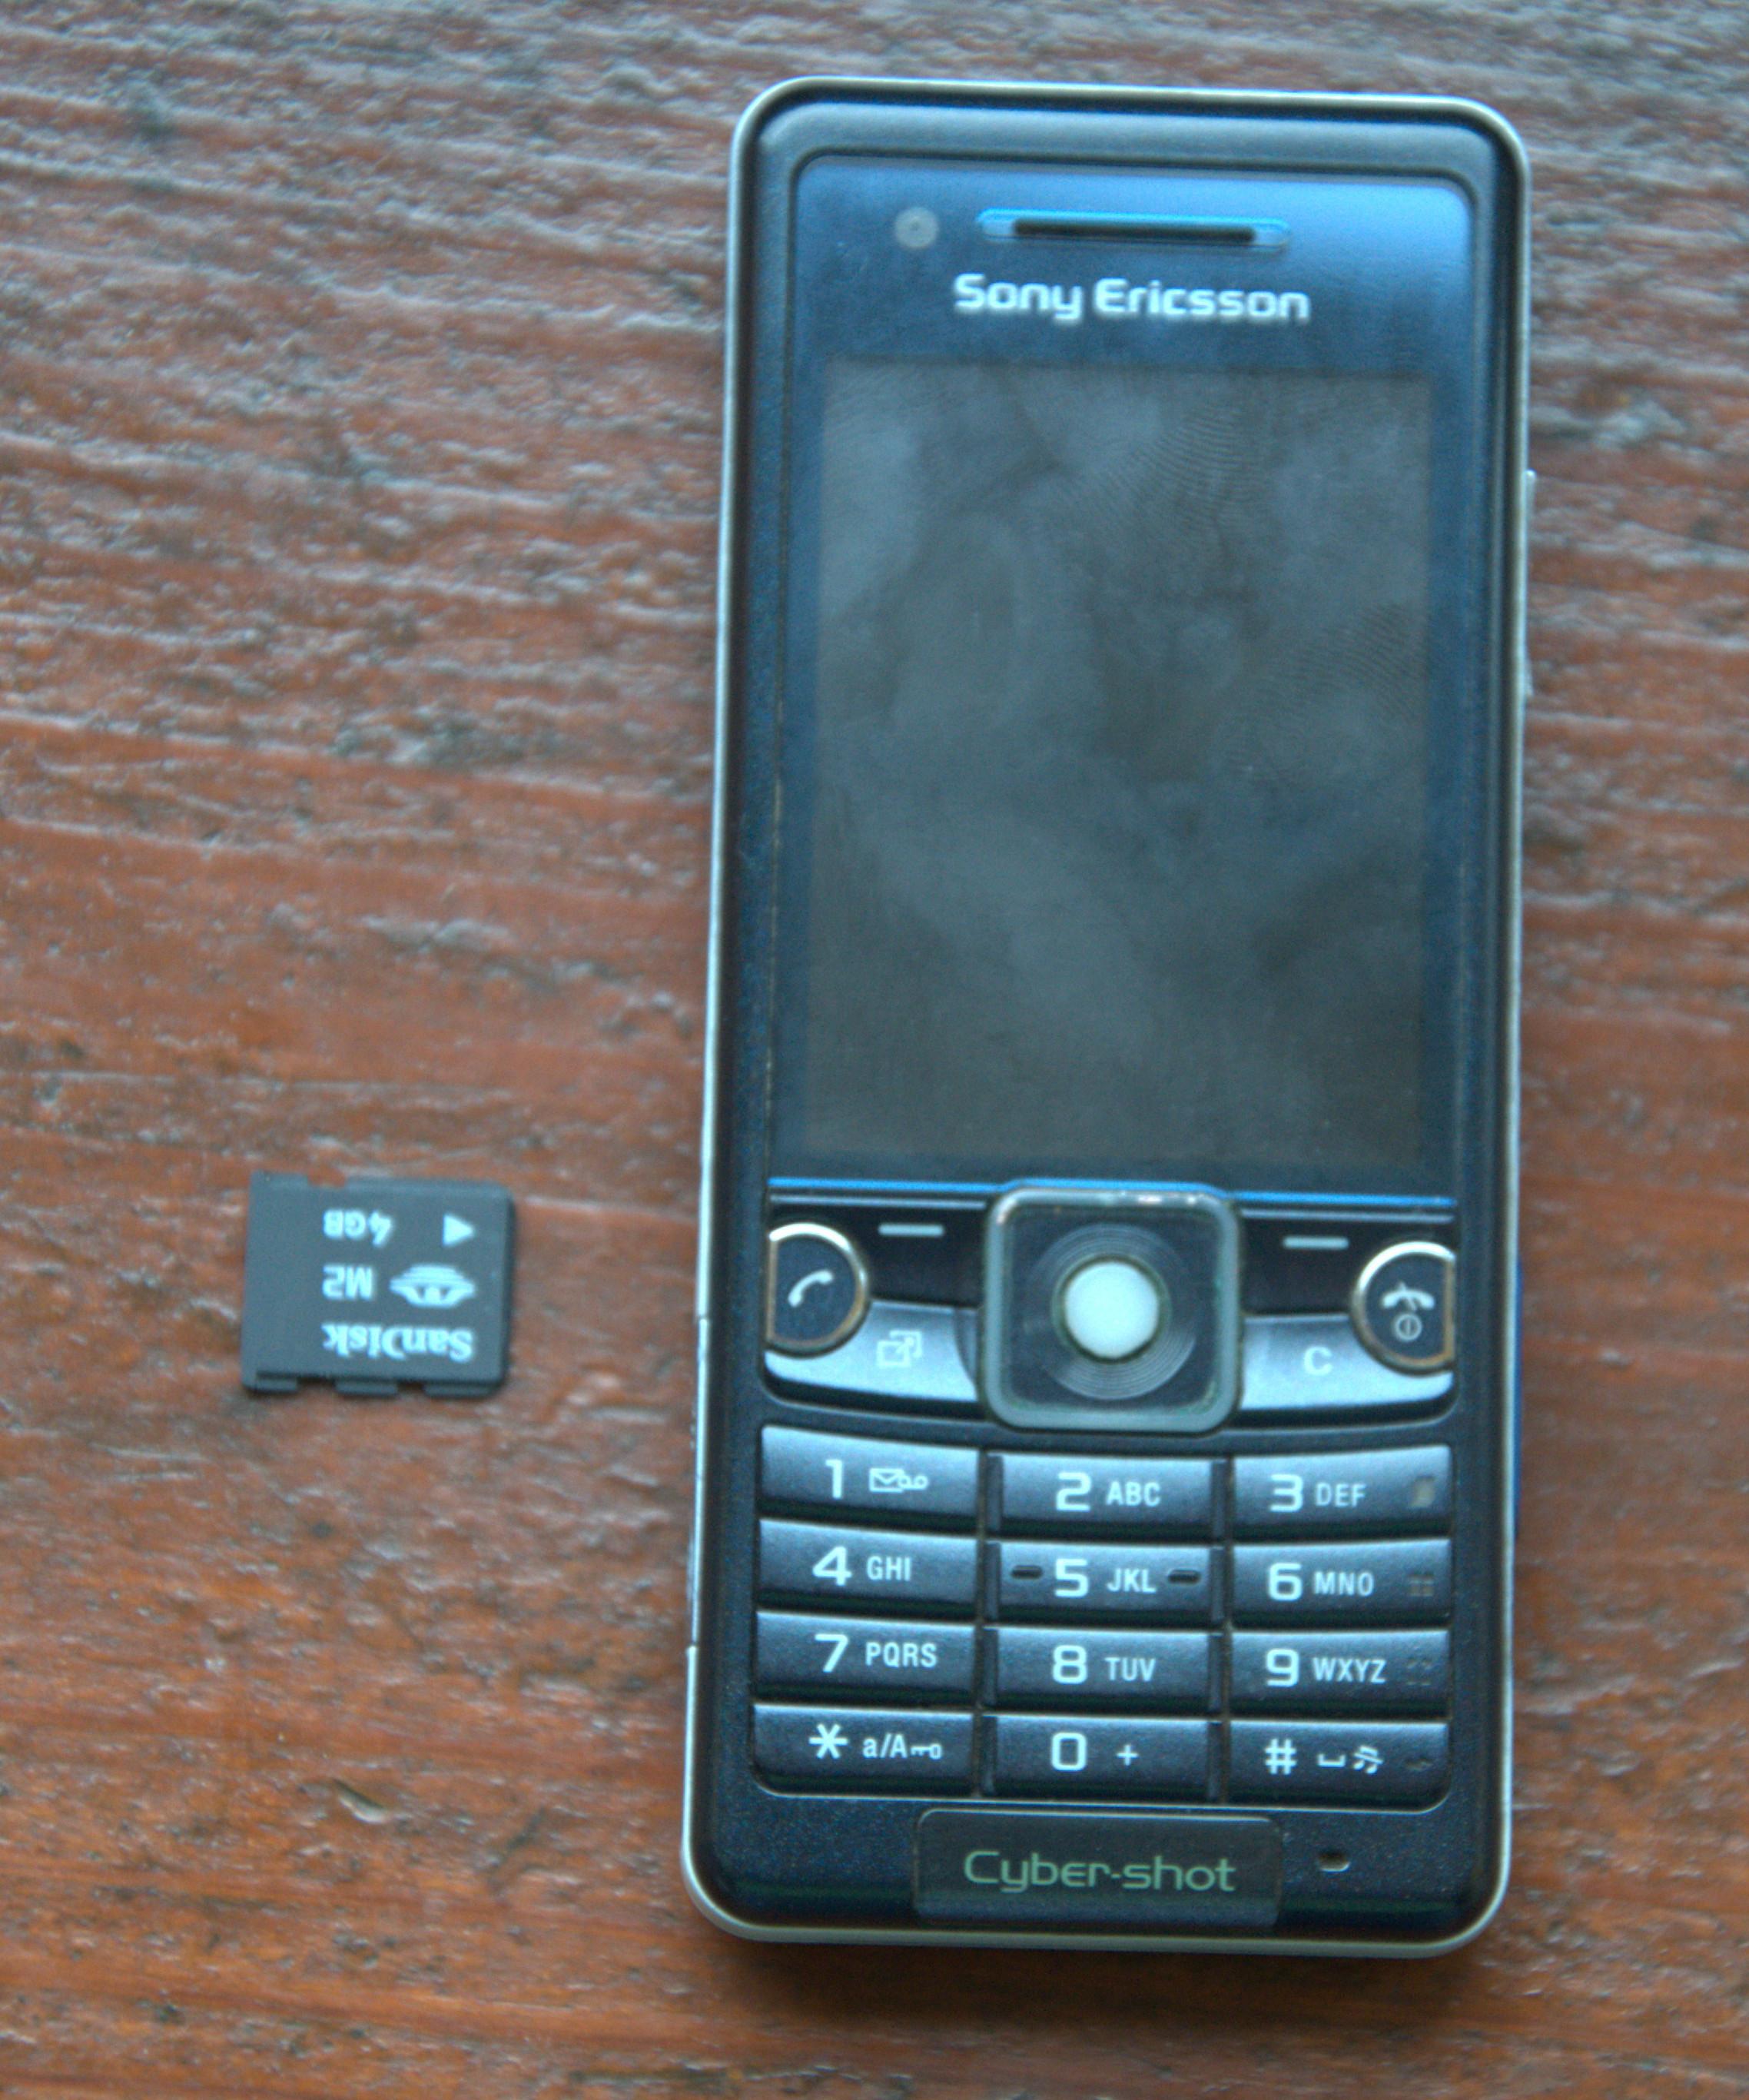 [Sprzedam] Sony Ericsson C510 - BEZ SIMLOCKA, karta 4GB